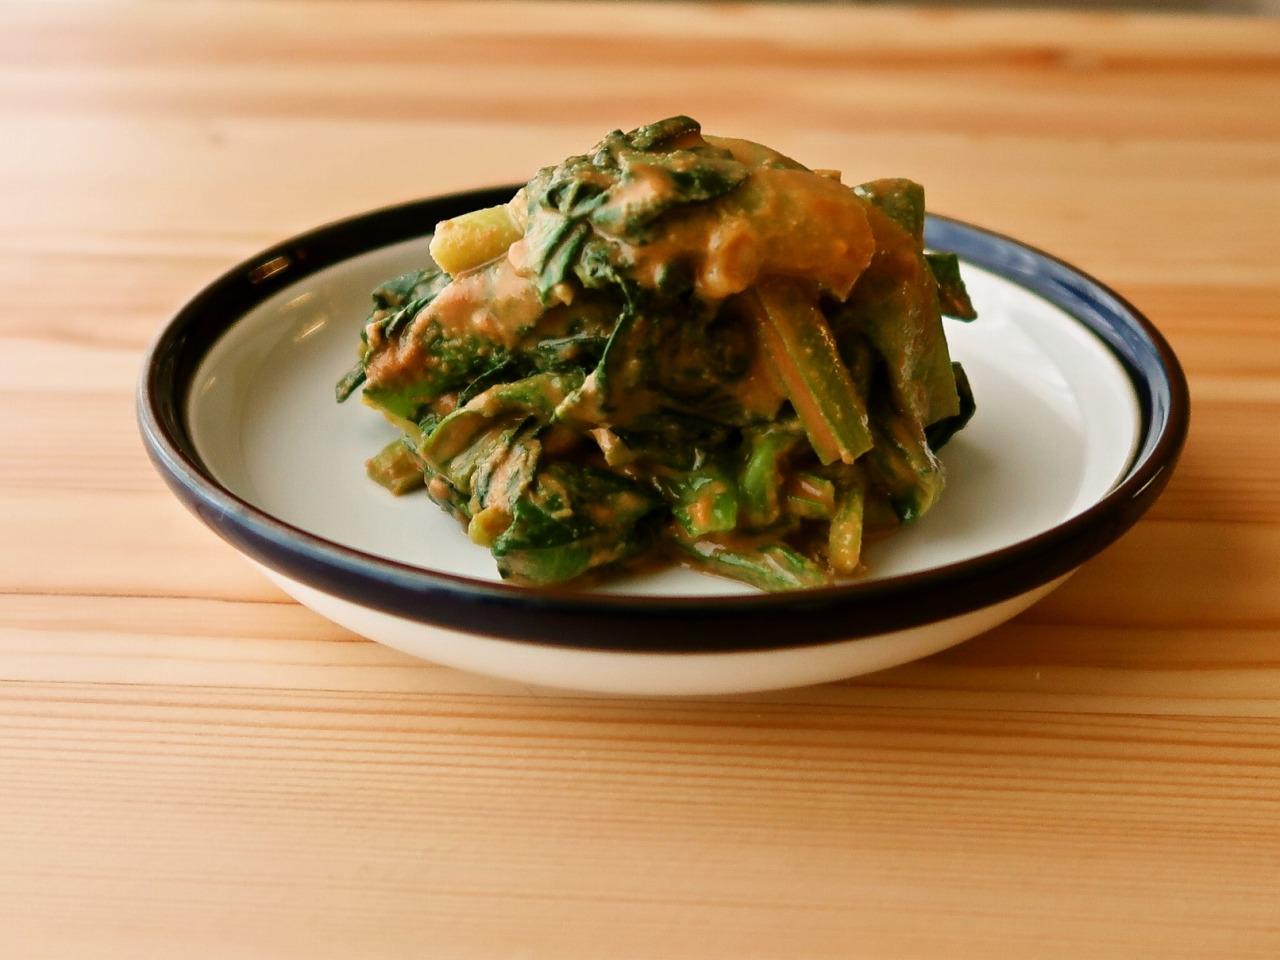 【野菜ひとつ】小松菜のきな粉和え